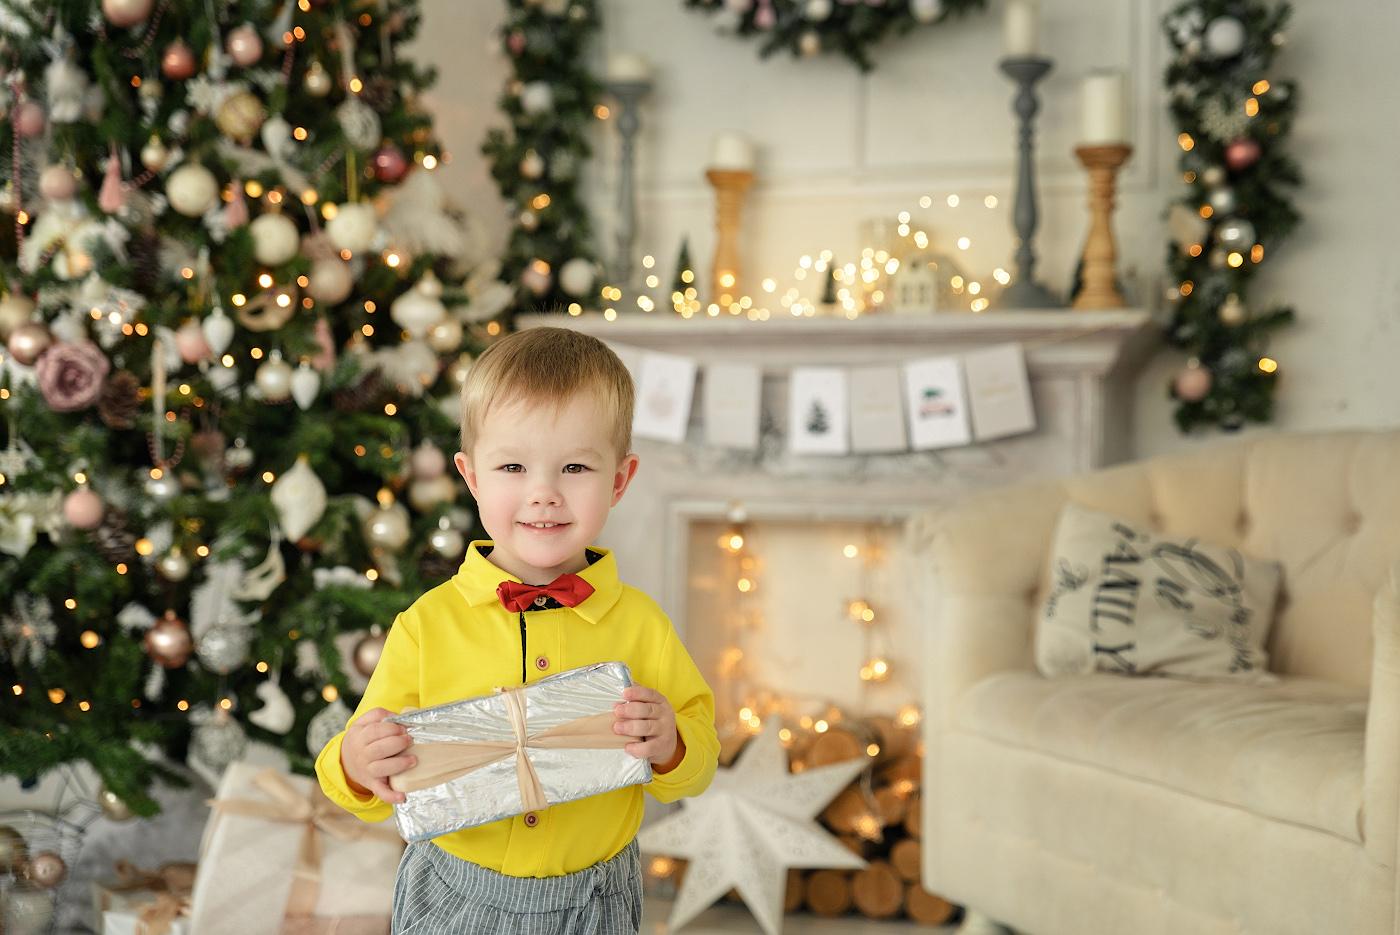 12. Студийный портрет ребенка. Примеры фотосъемки на Тамрон 24-70/2.8, установленный на полный кадр Никон Д610. Настройки: 1/160, 3.2, 400, 62.